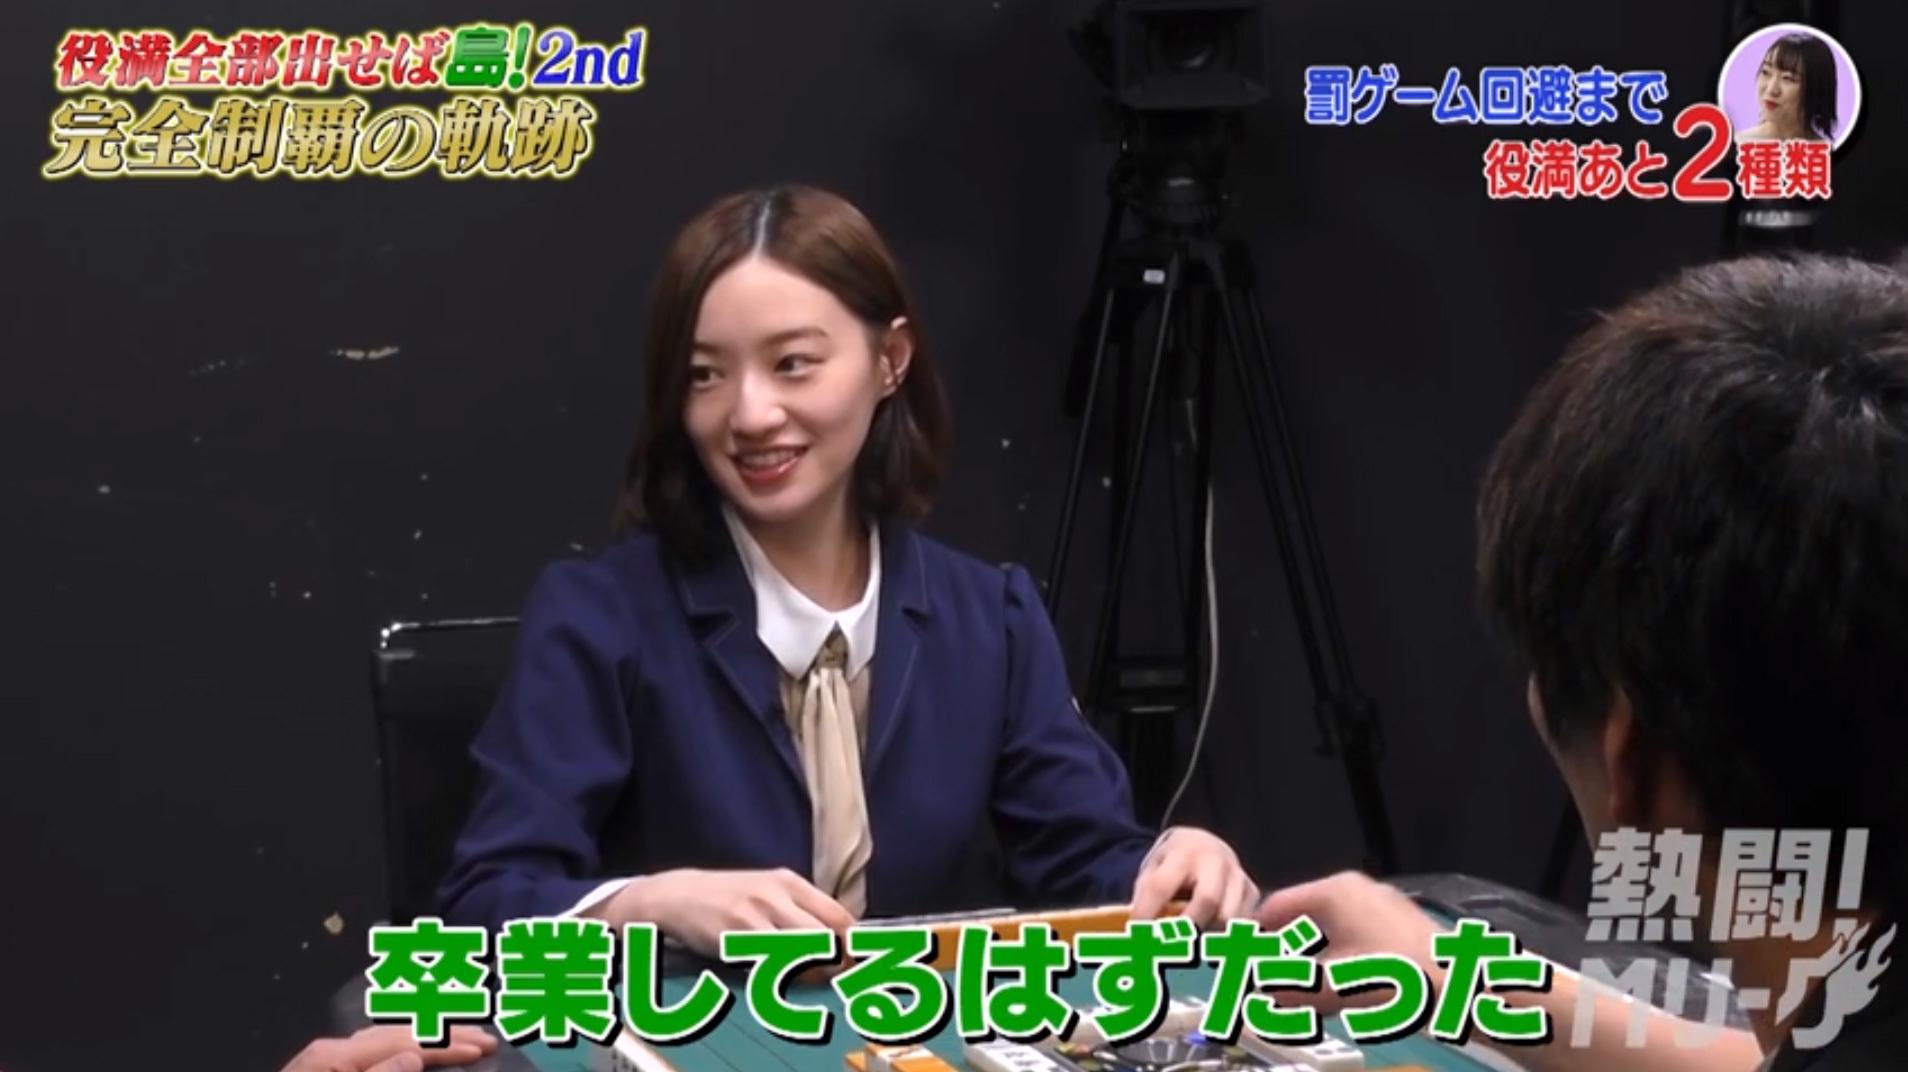 乃木坂46中田花奈「わたし麻雀の冠番組ができる前に、卒業してるはずだった」